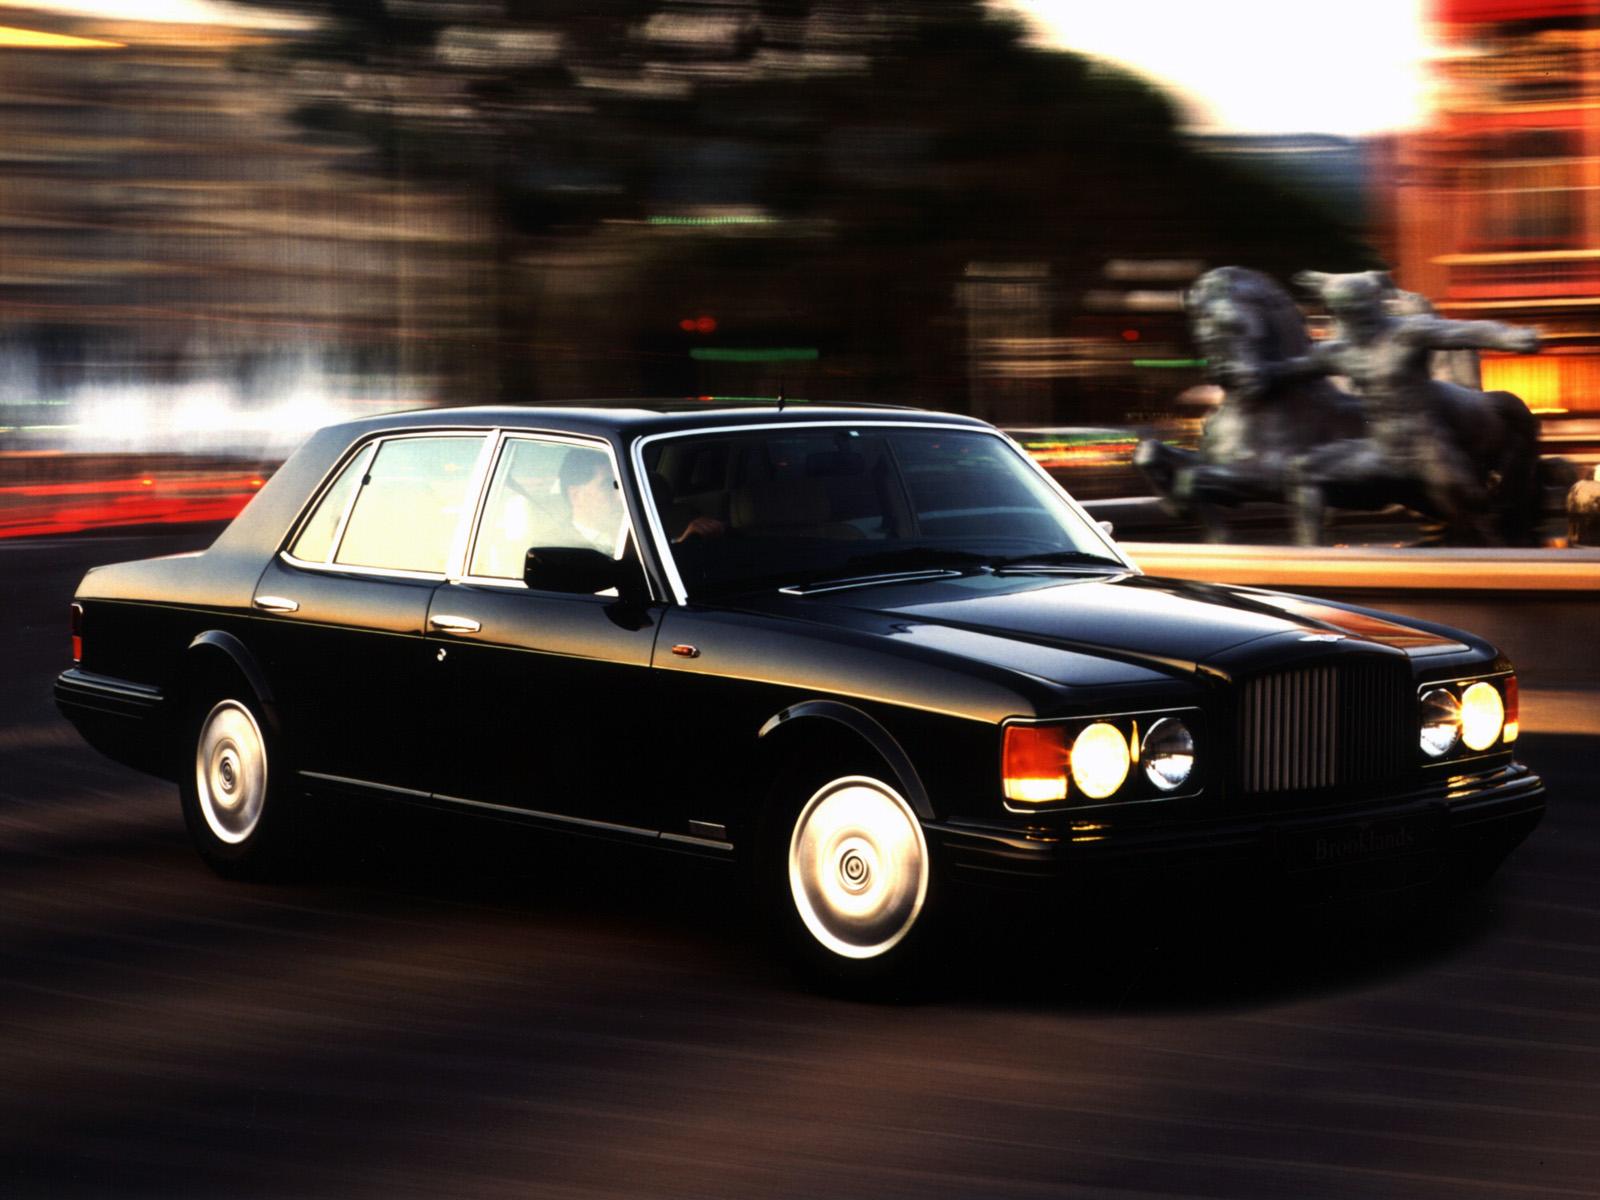 En Bentley Brooklands R, denna generations sista utförande, tillverkad 1995-98. Notera den lägre grillen.